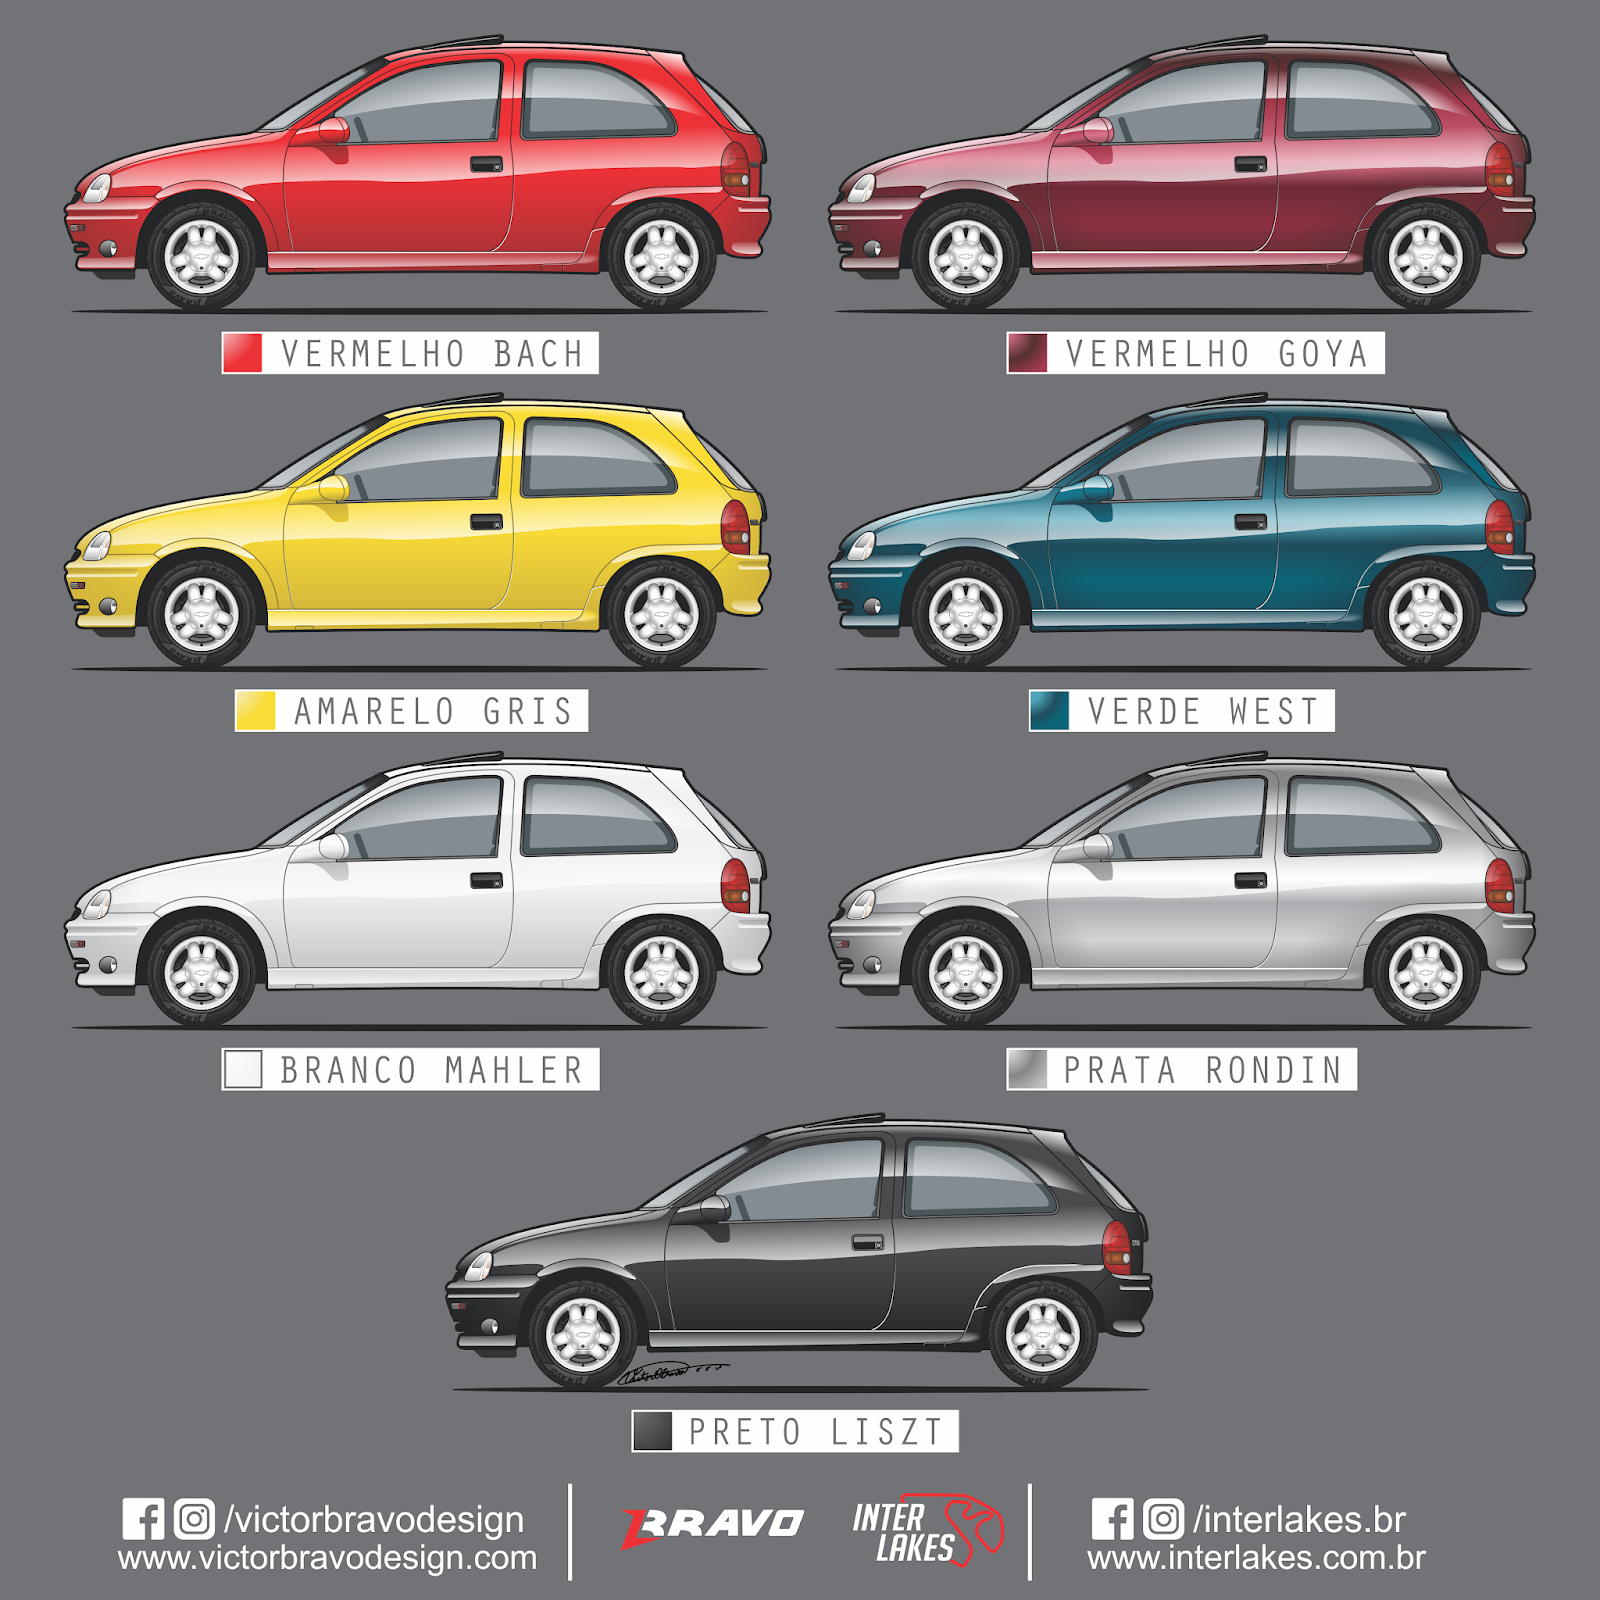 Infográfico mostrando o desenho do Chevrolet Corsa GSi com suas cores